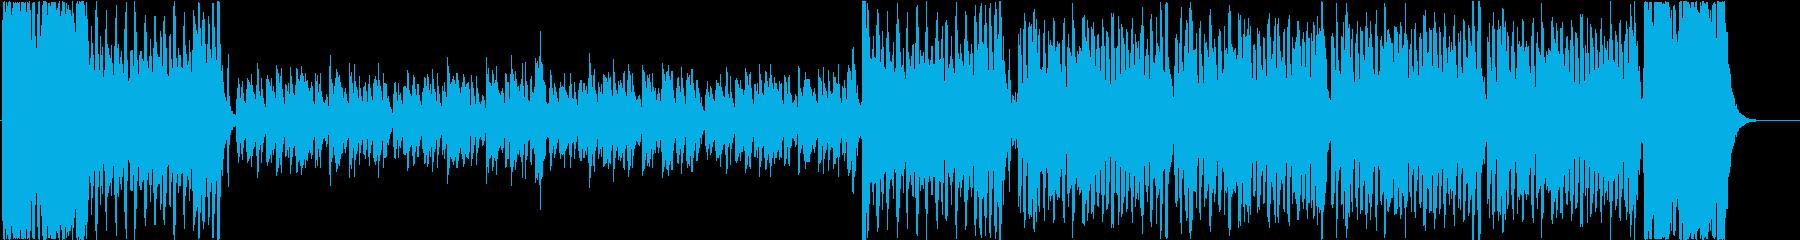 キラキラ楽しいウィンターオーケストラ♪の再生済みの波形